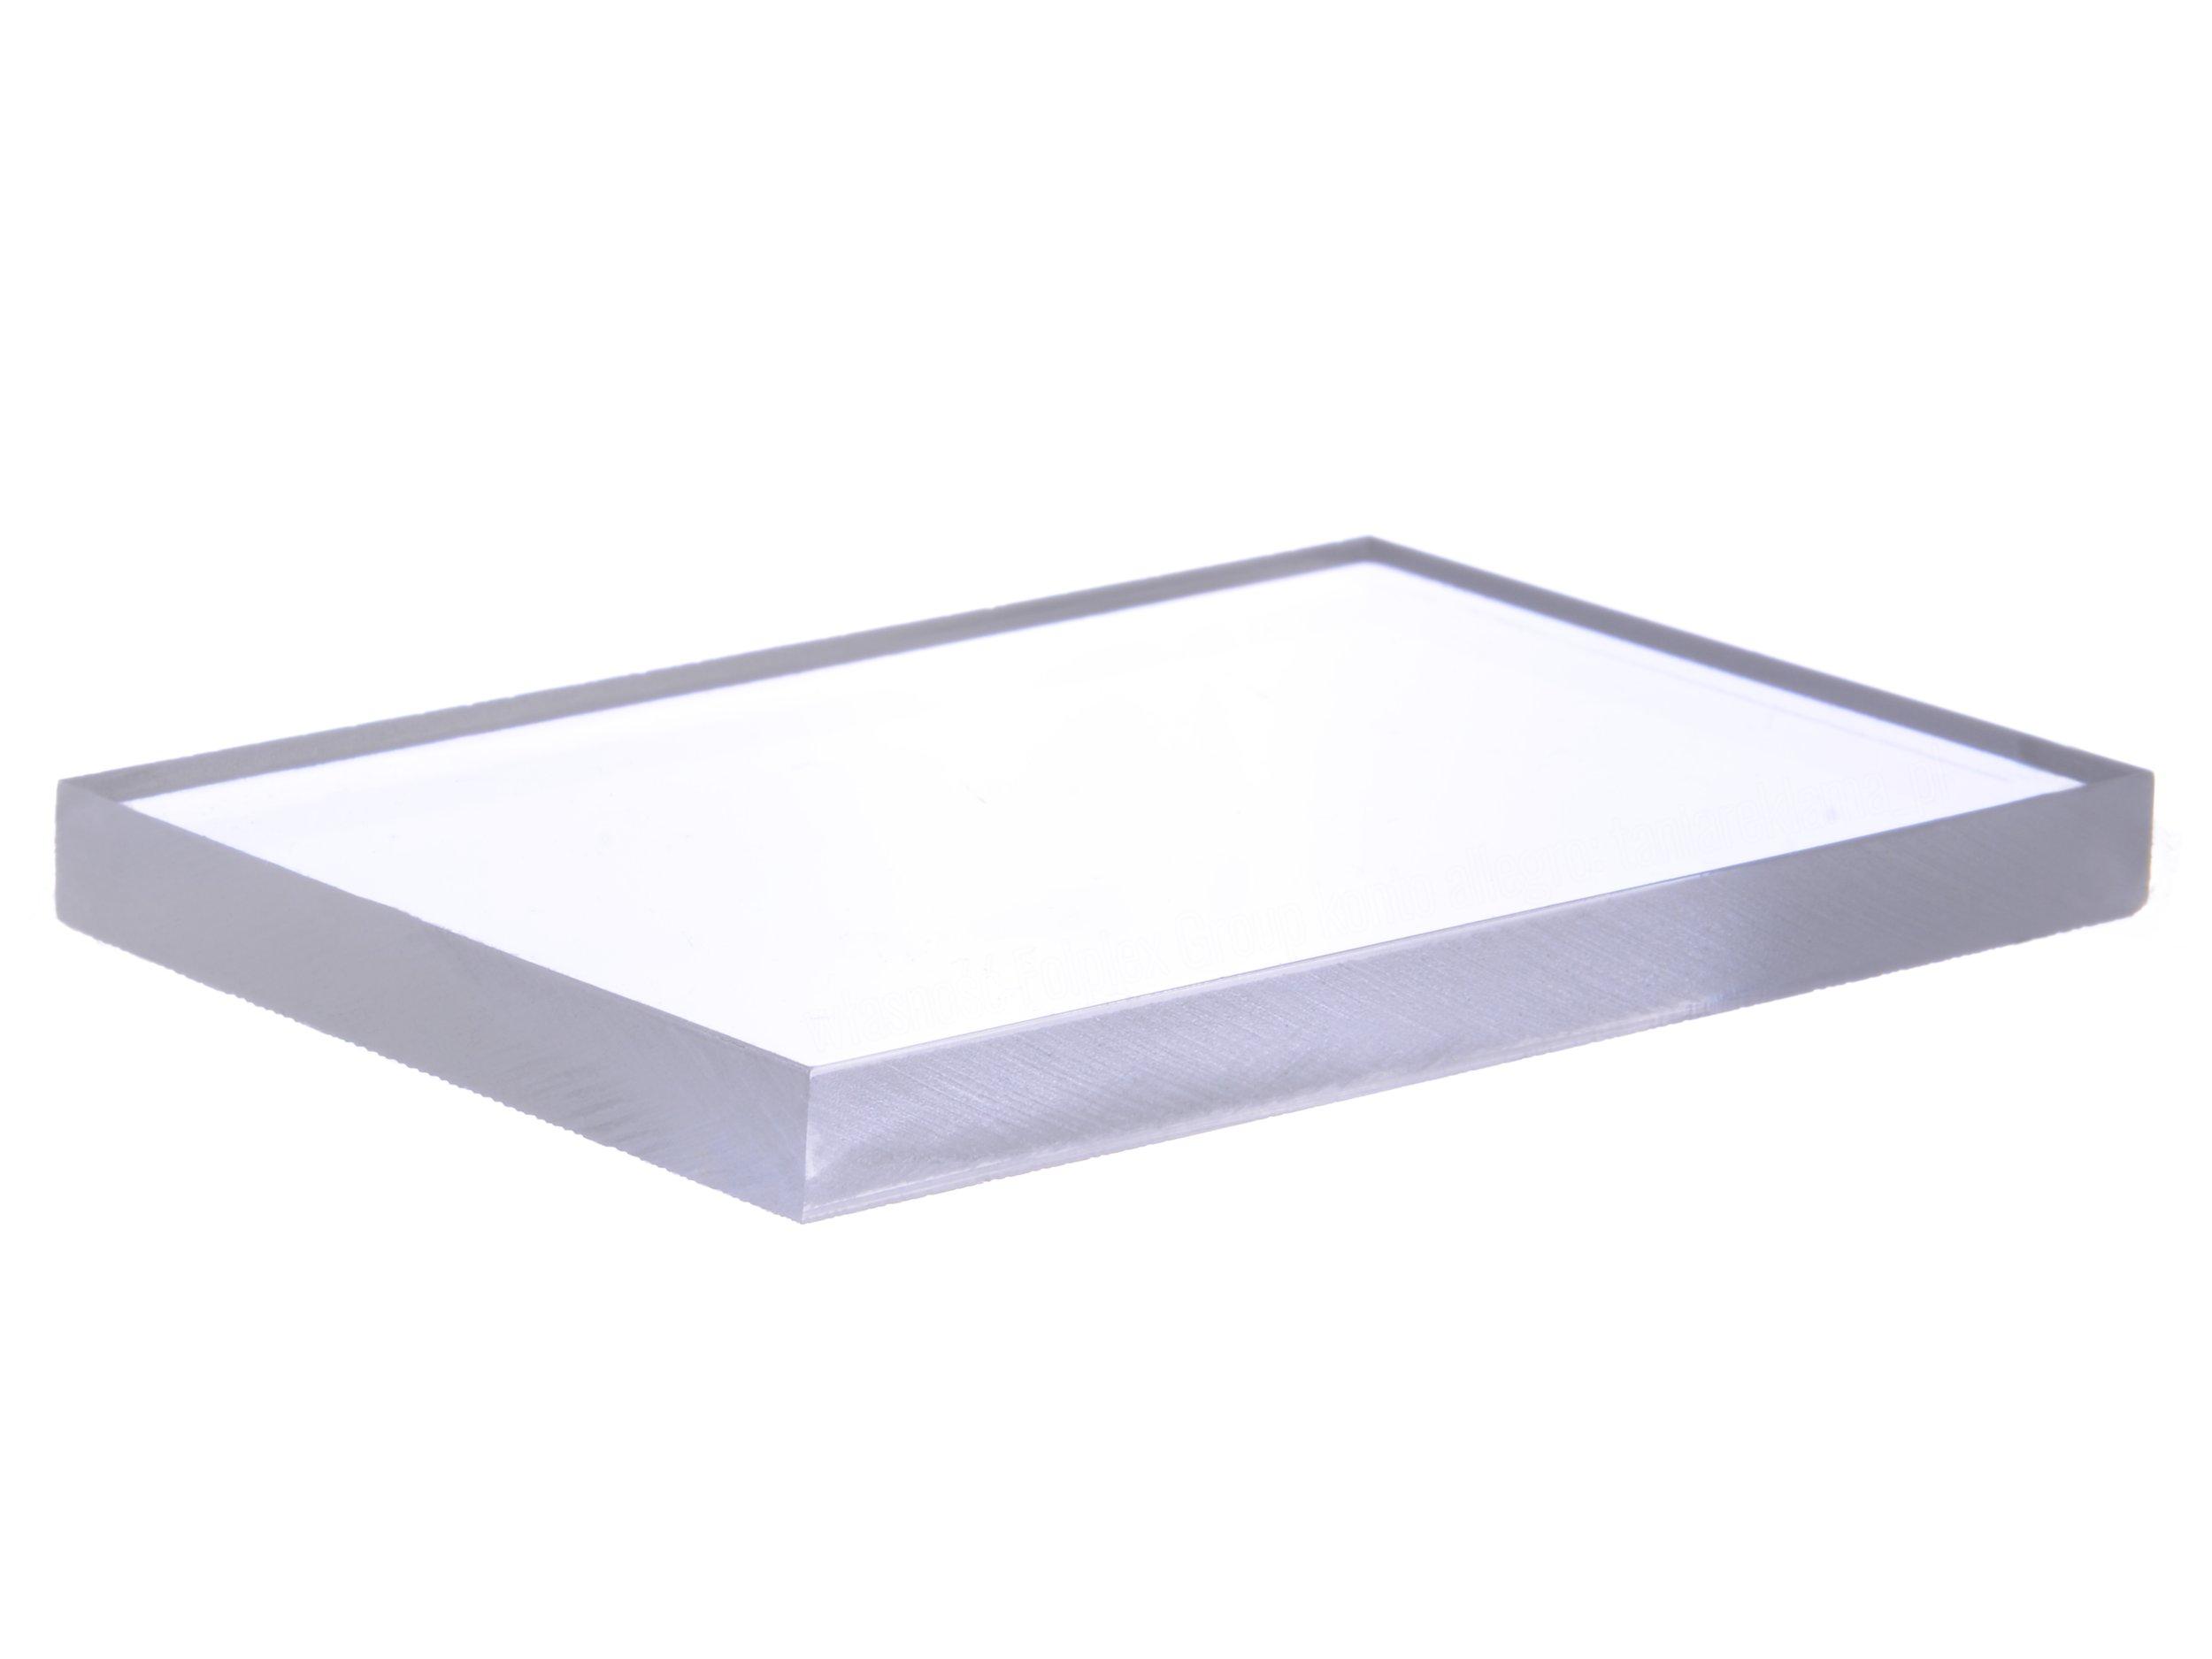 PLEXI / PLEKSI / PLEXA / PLEXA - 4 мм - По размеру